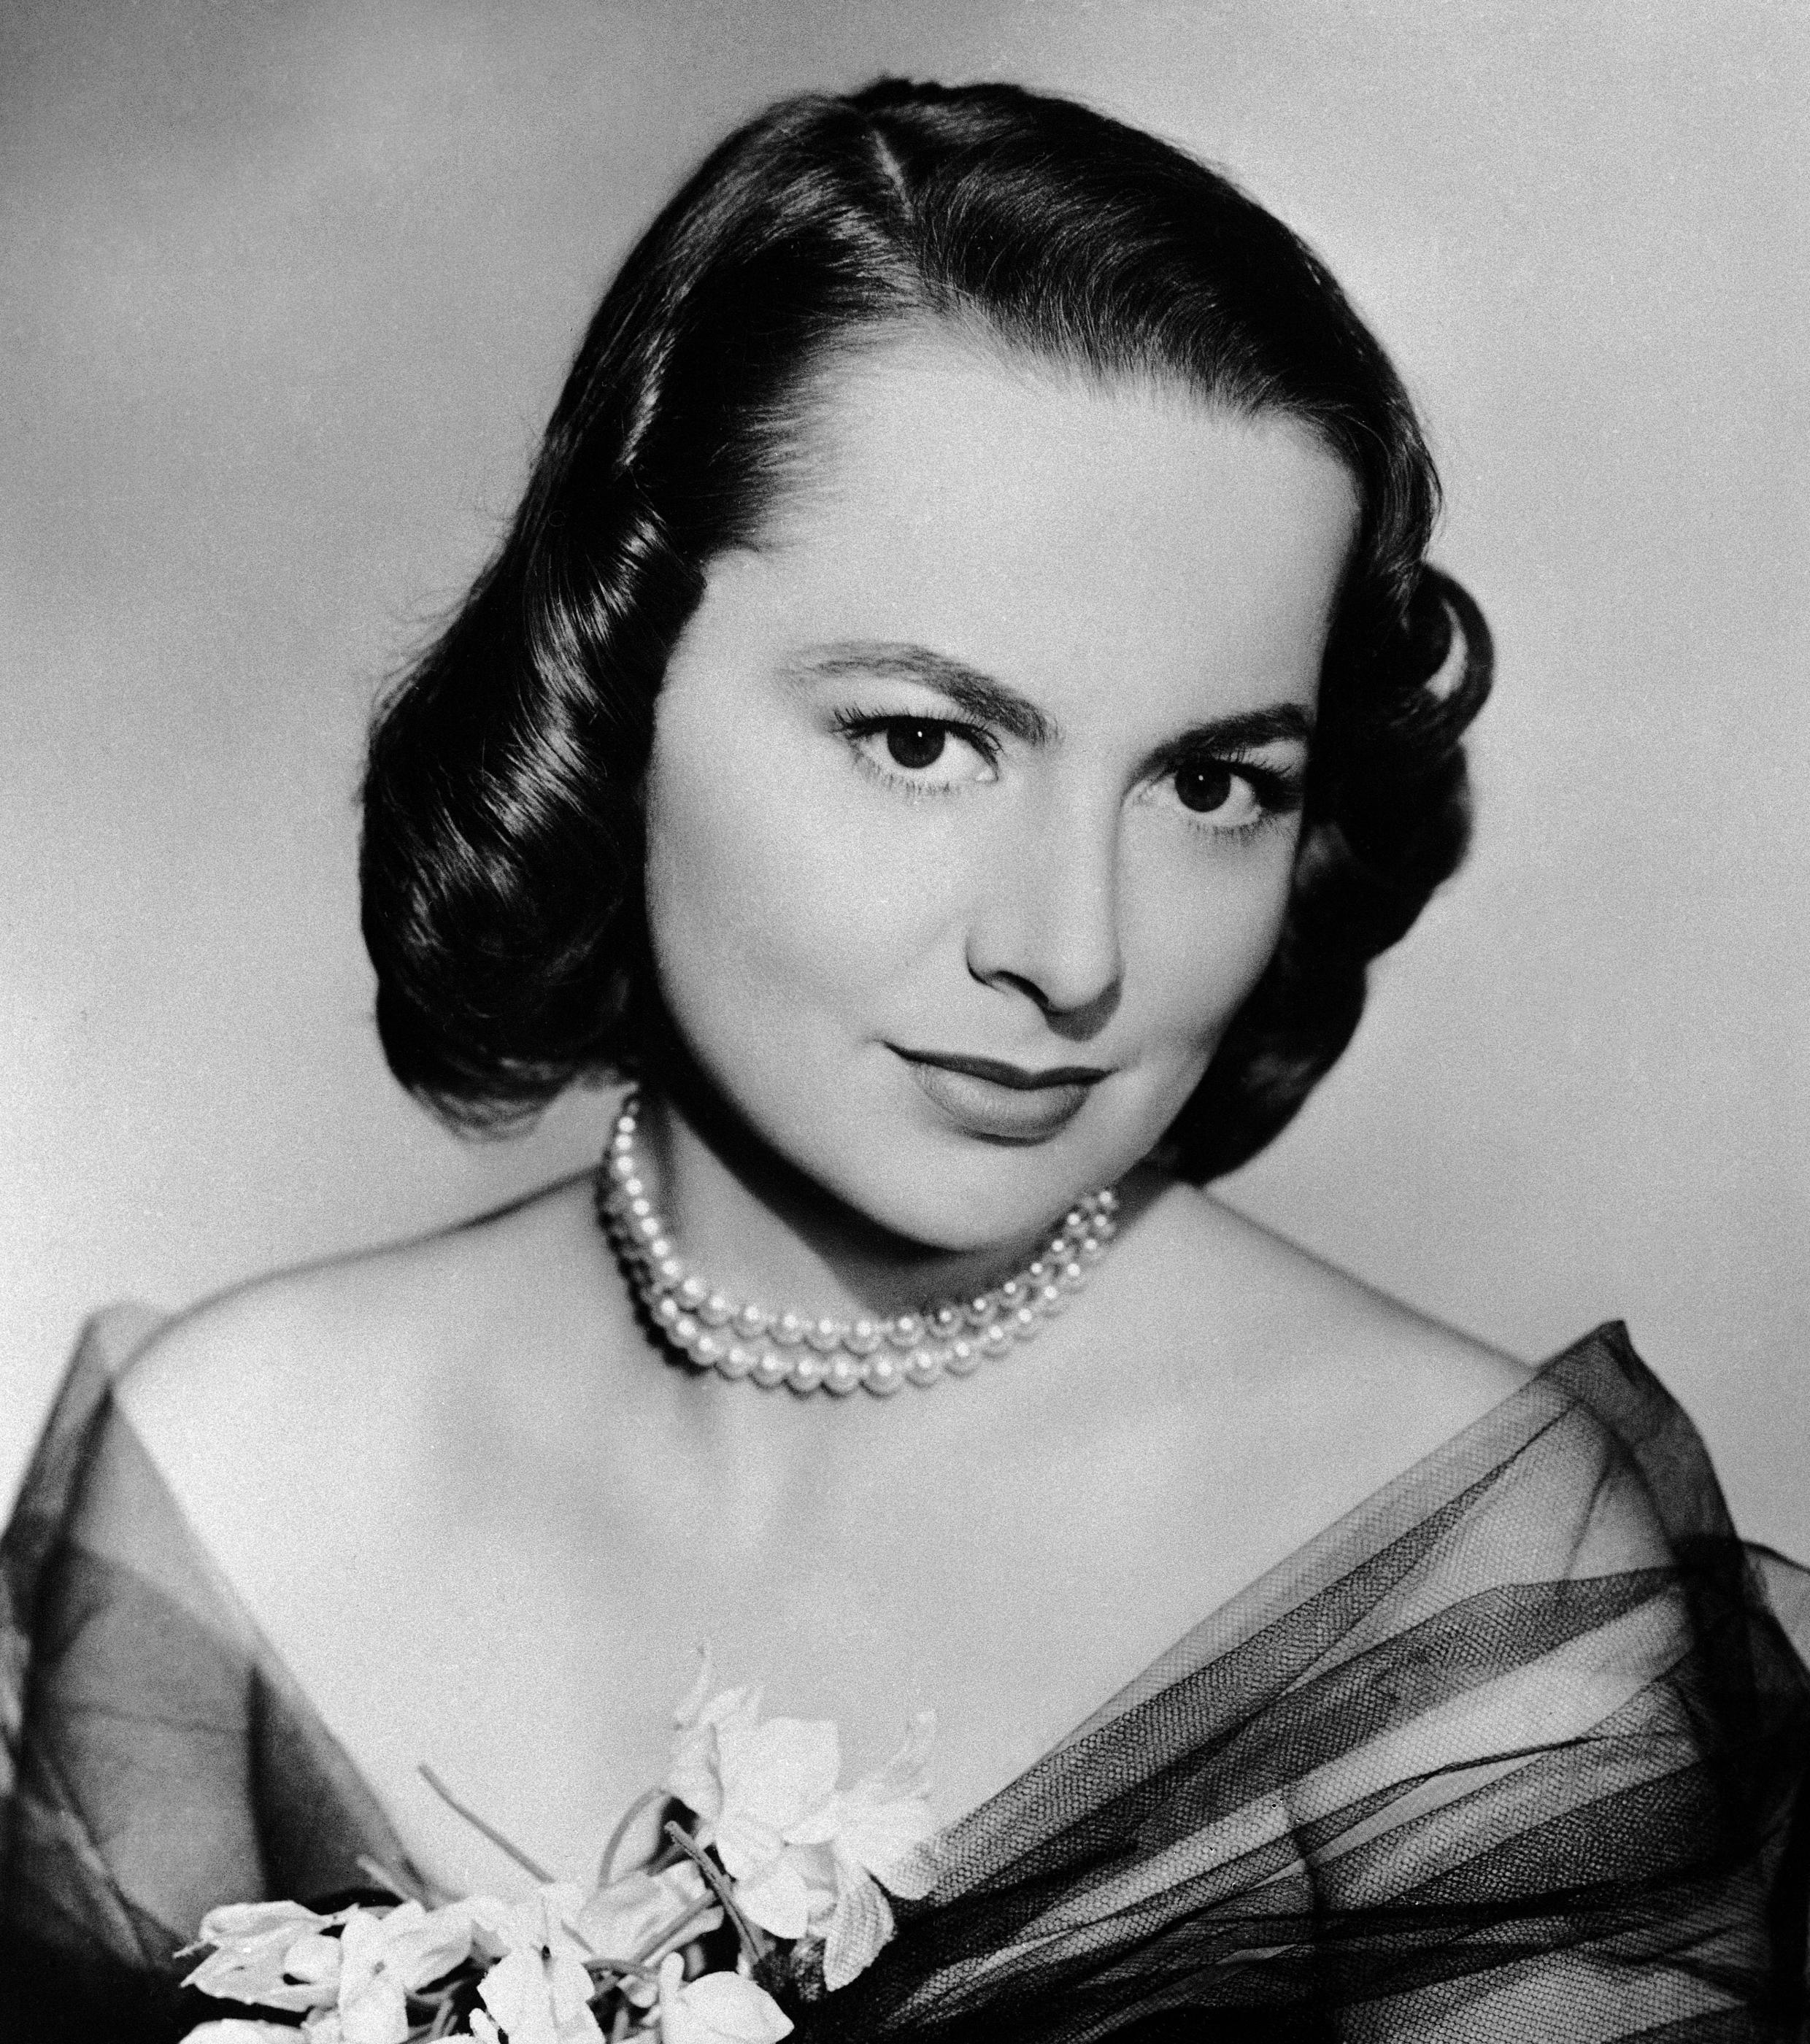 La actriz estadounidense Olivia de Havilland.